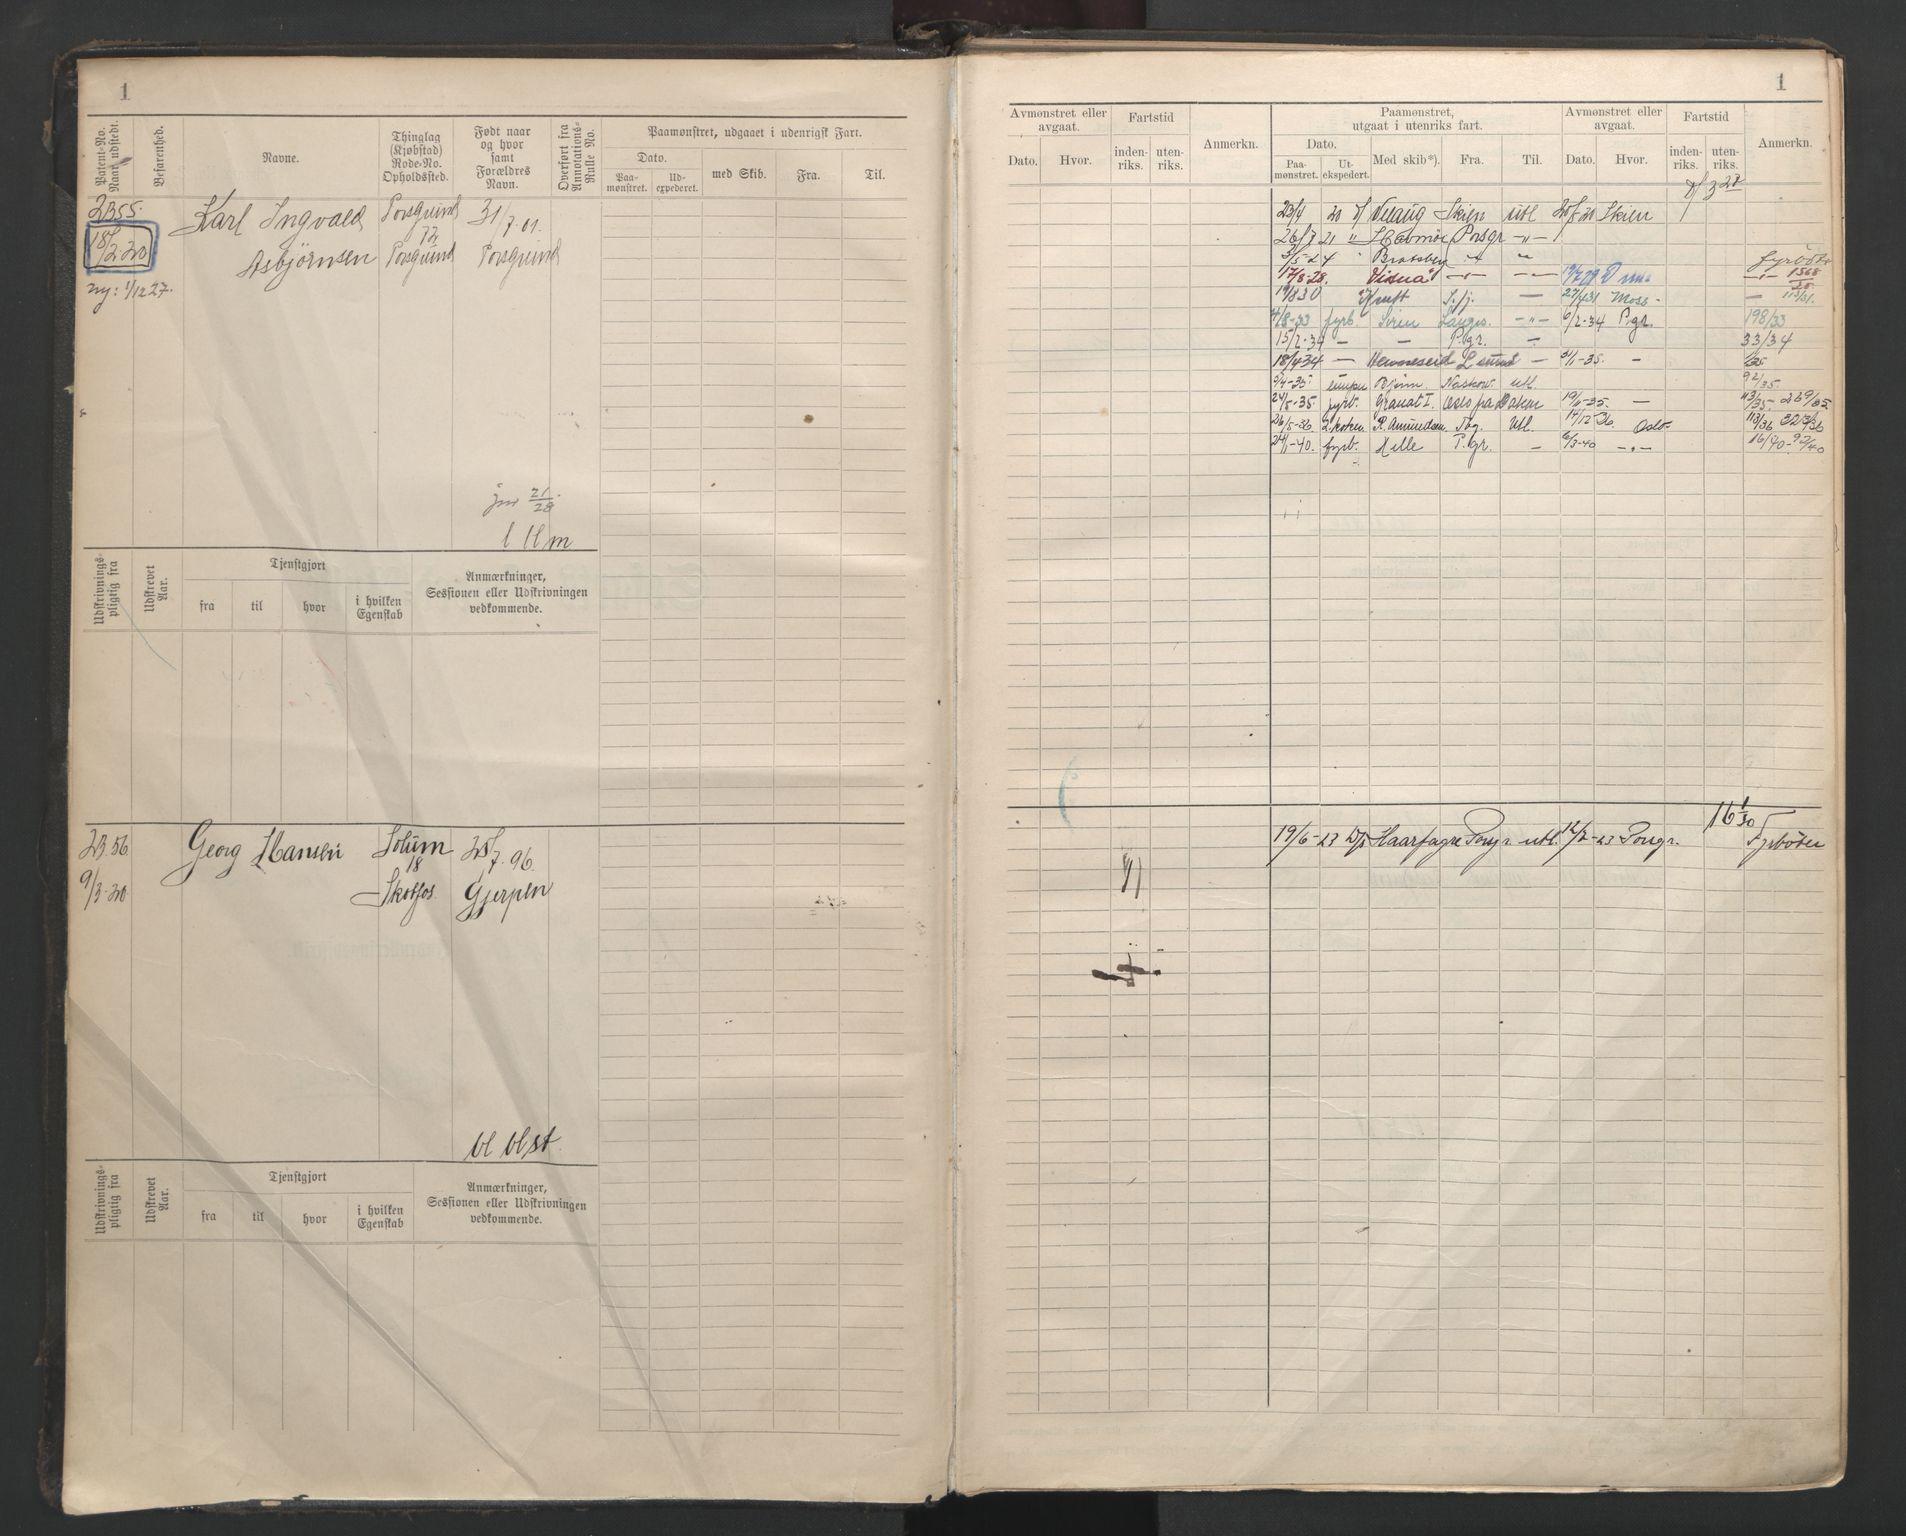 SAKO, Porsgrunn innrulleringskontor, F/Fb/L0007: Annotasjonsrulle, 1926-1948, p. 1